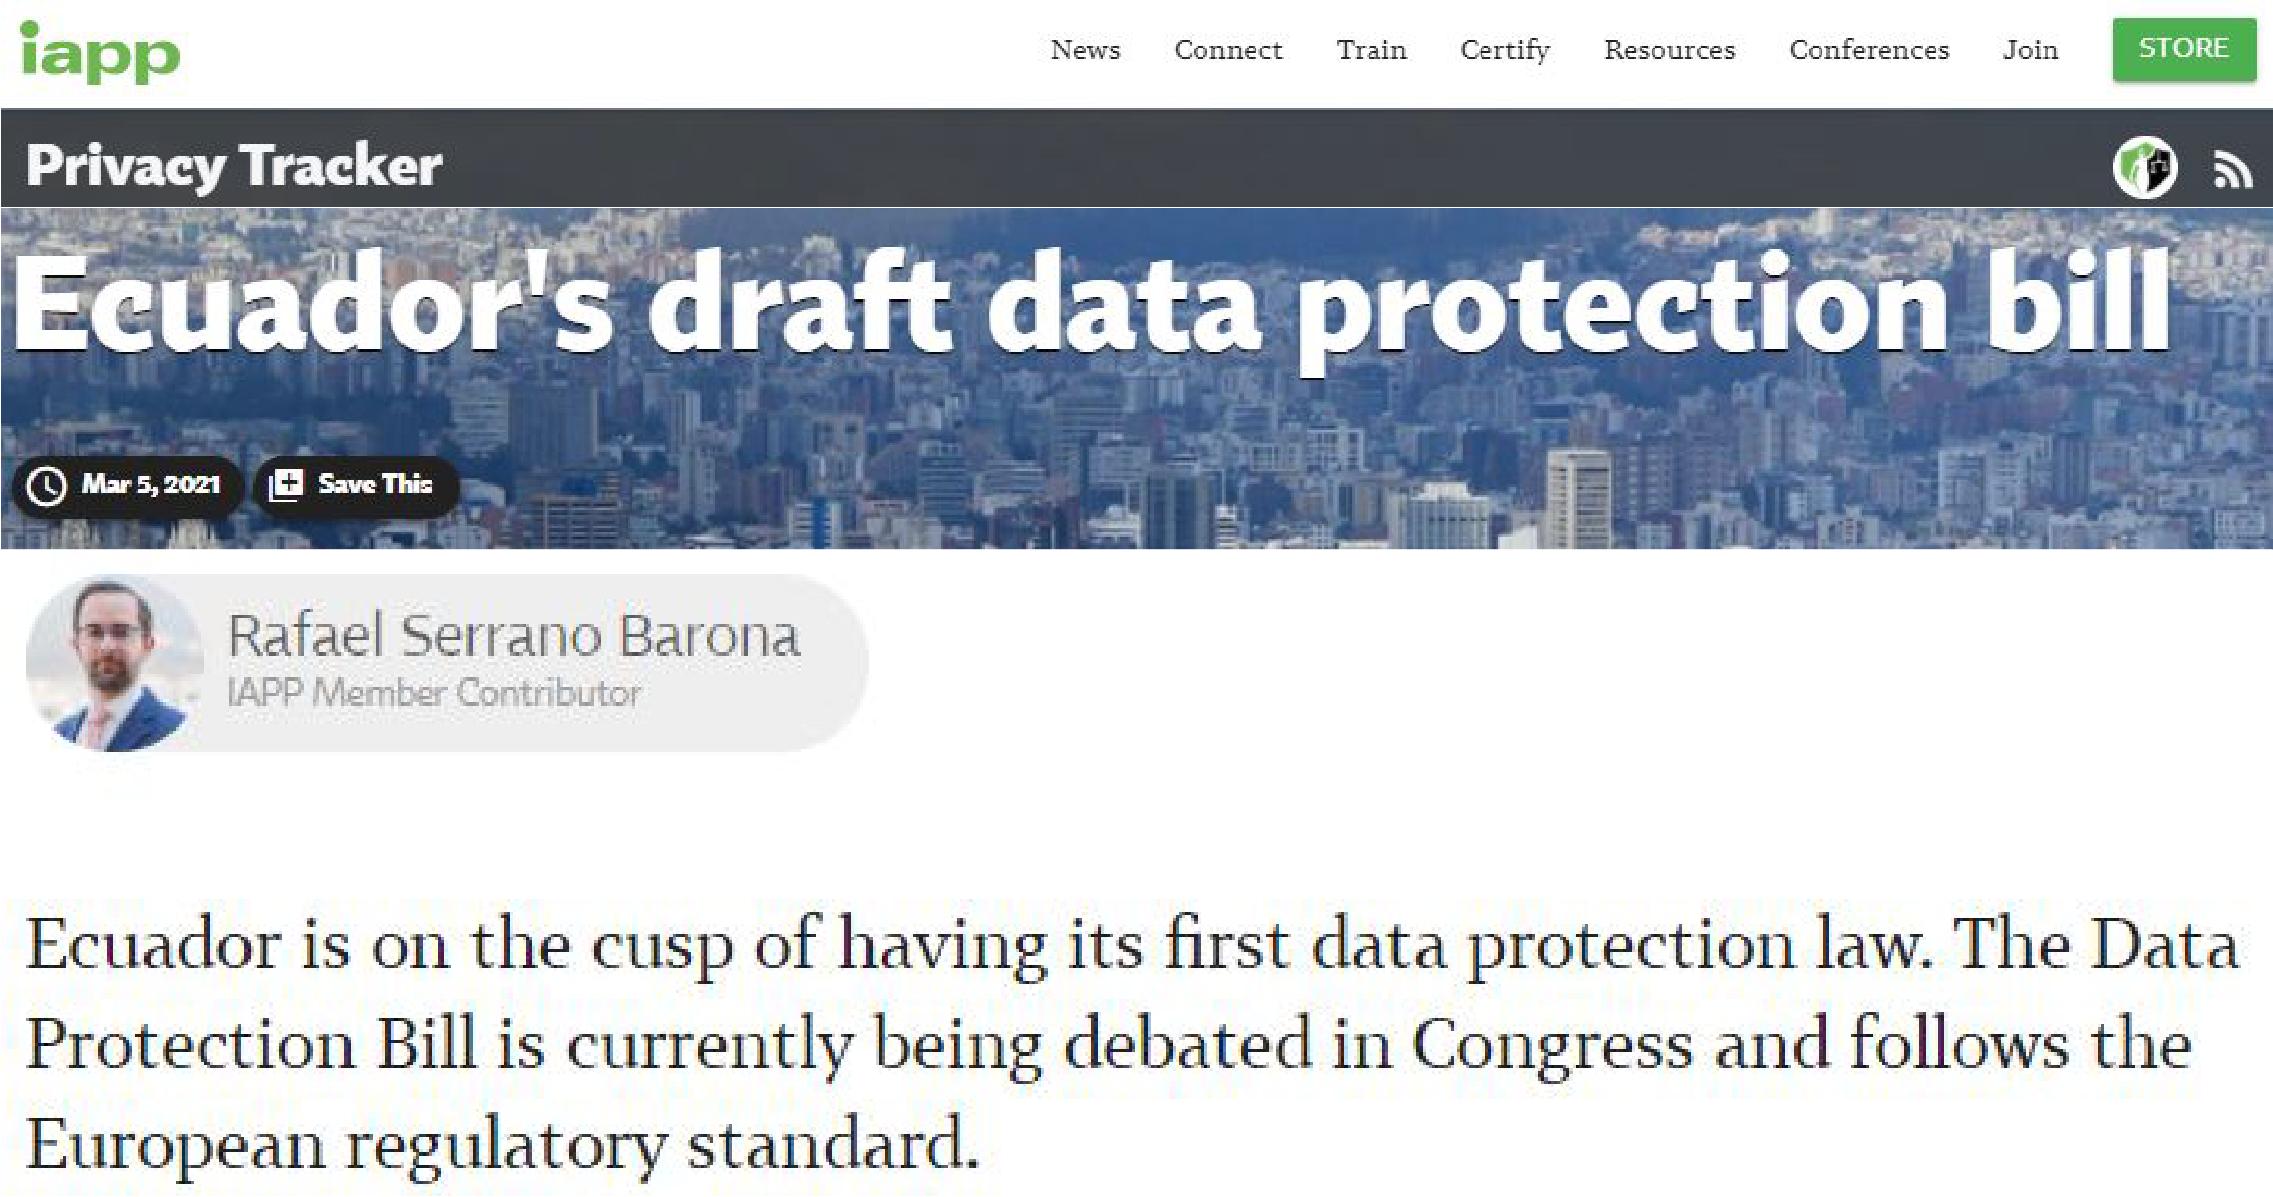 anteproyecto-de-ley-de-proteccion-de-datos-de-ecuador-abogados-ecuador-corralrosales